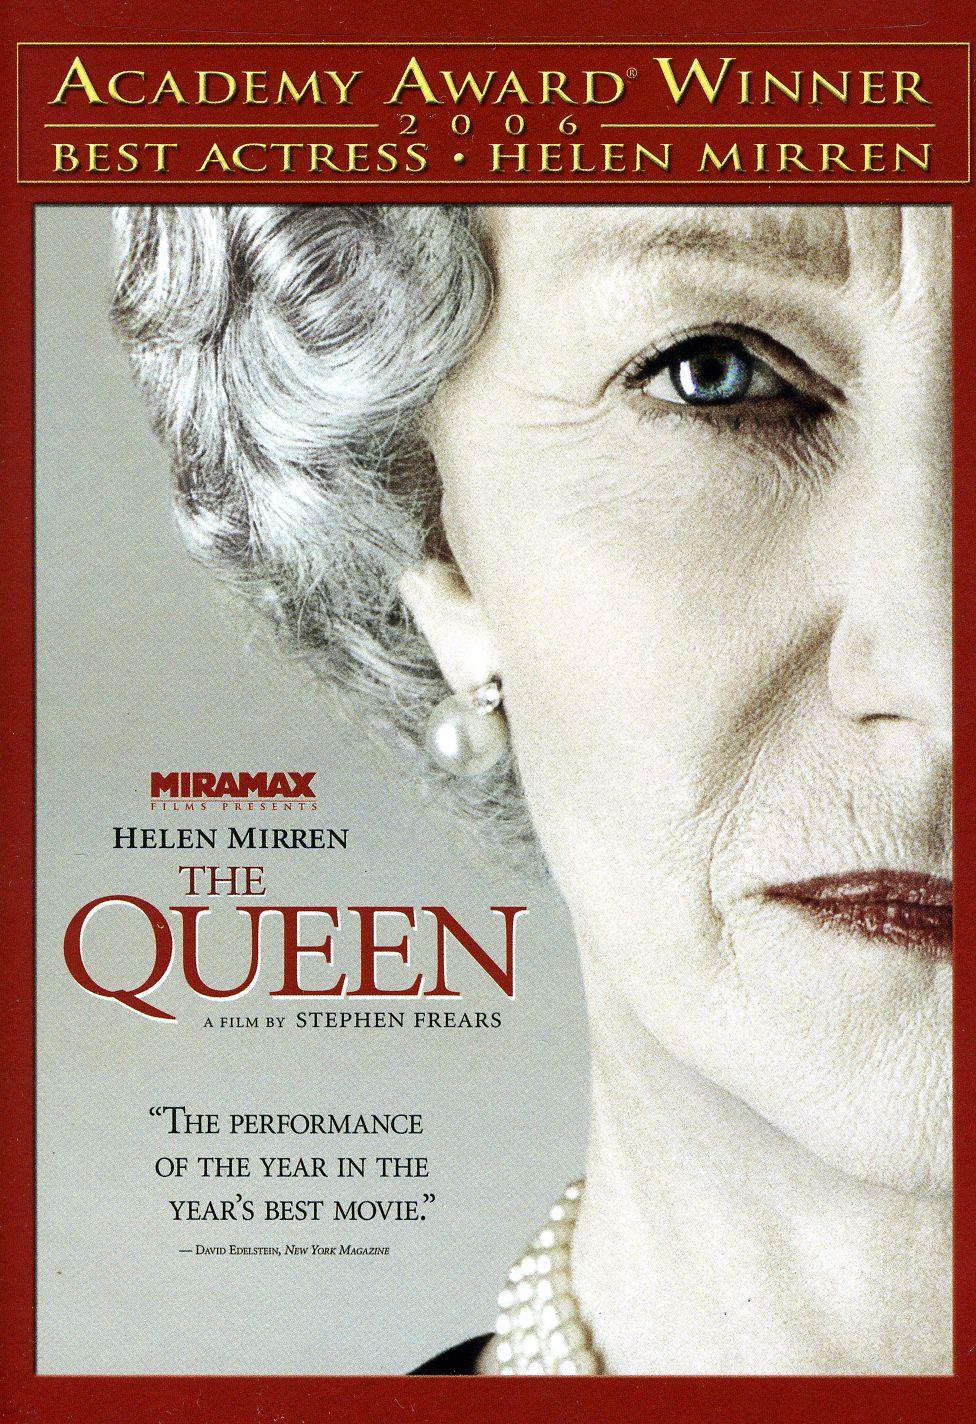 The Queen (DVD)